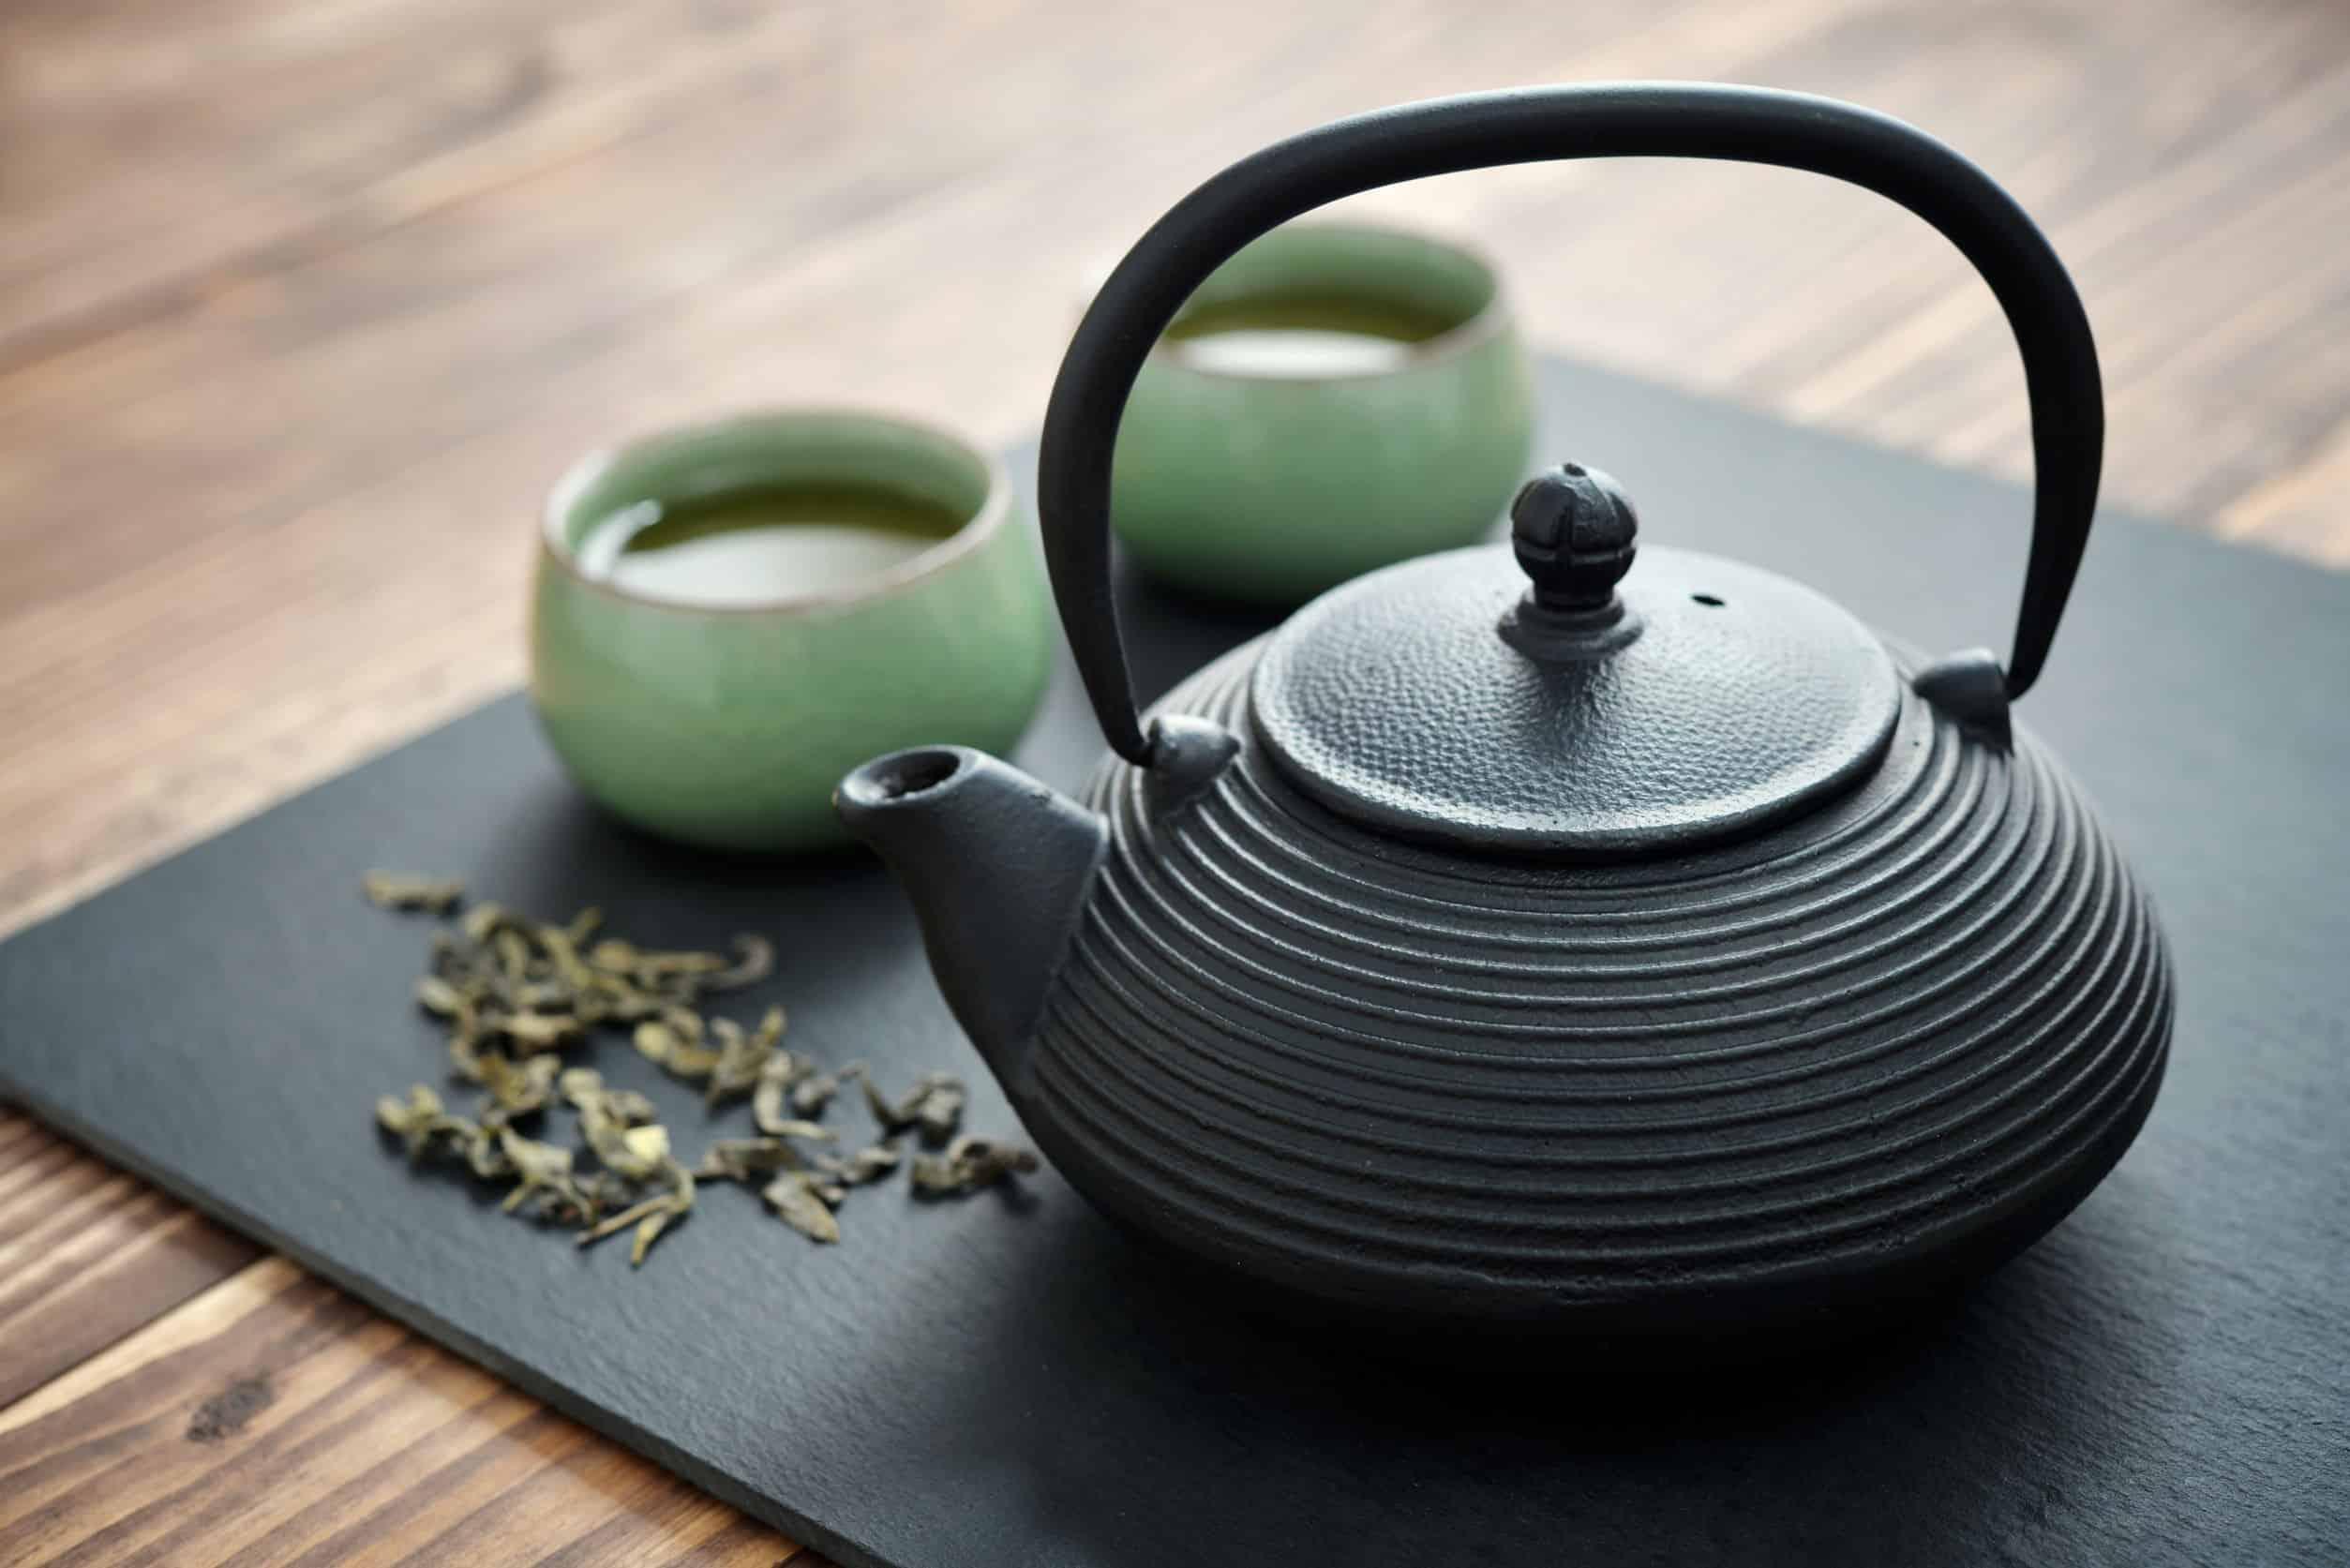 Teekanne Gusseisen: Test & Empfehlungen (07/20)